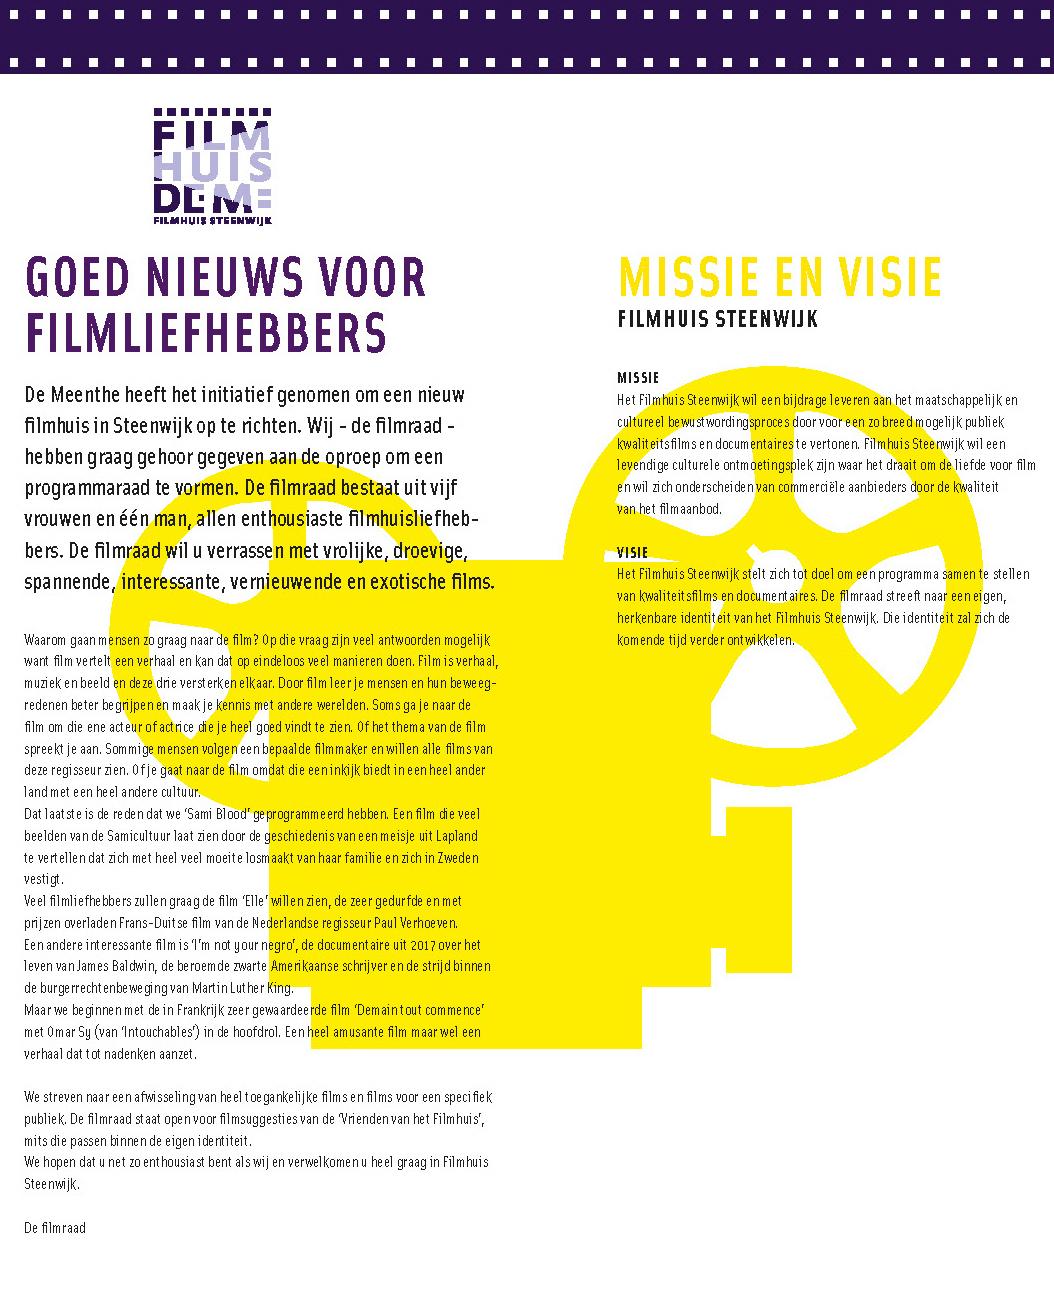 Filmhuis Steenwijk